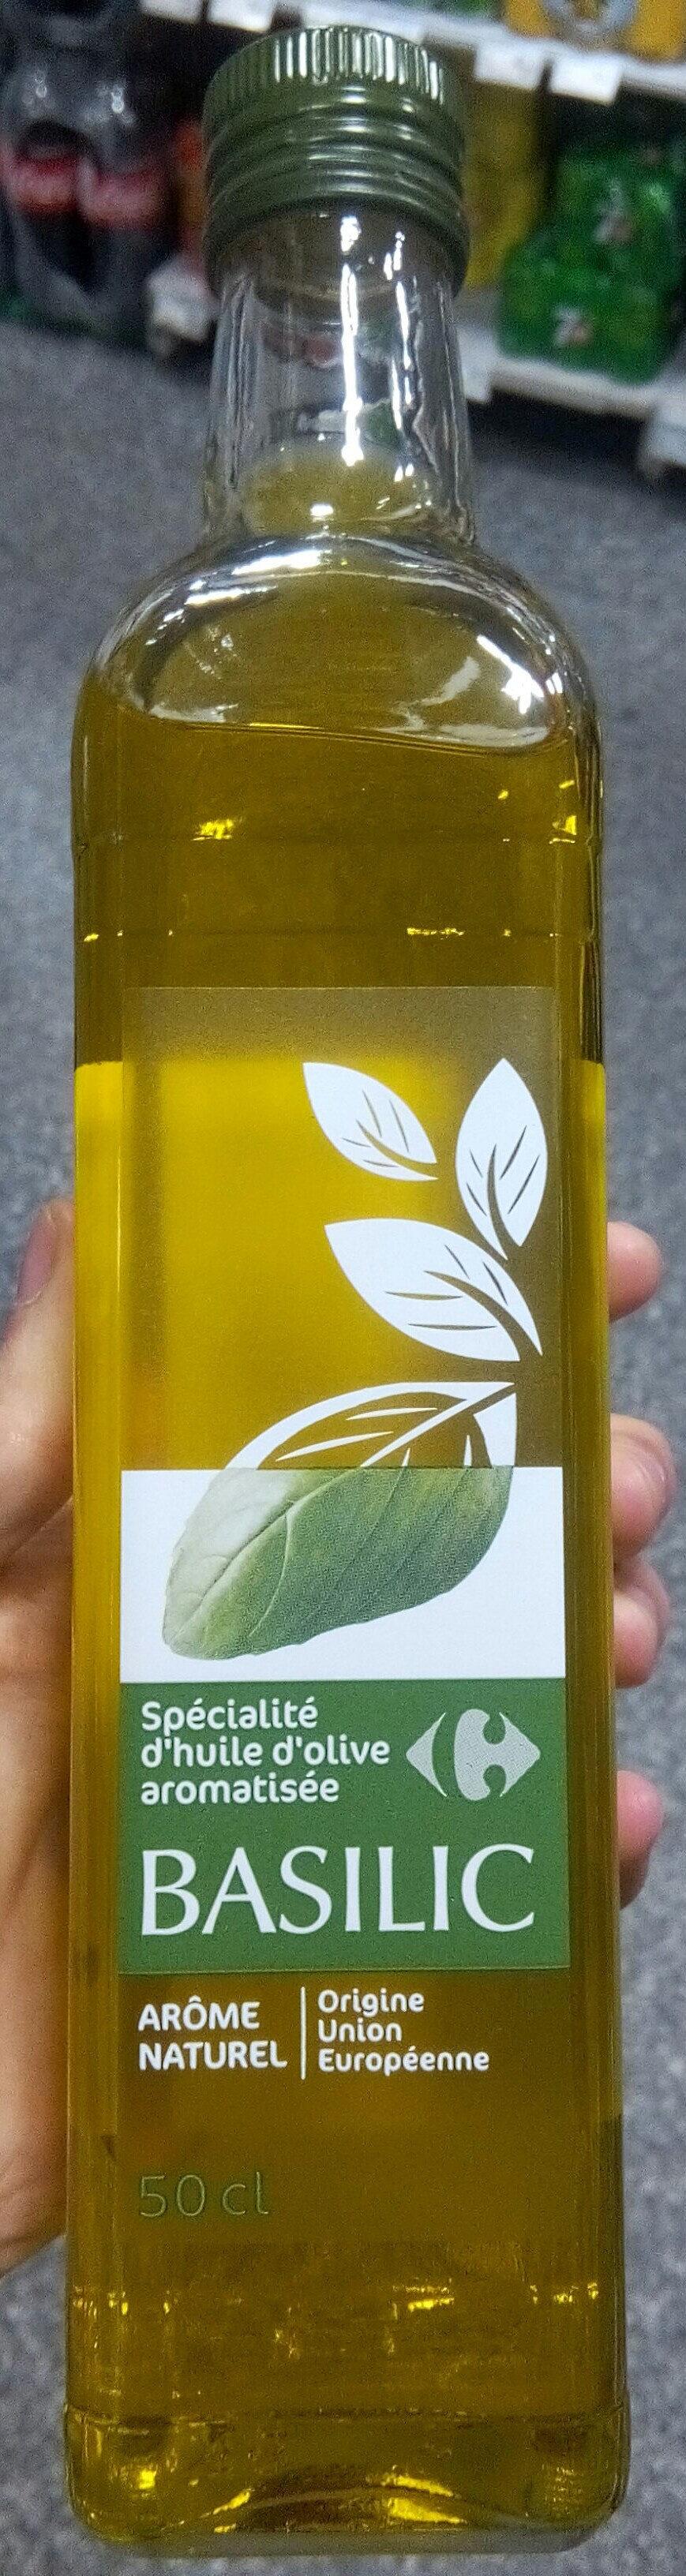 Spécialité Huile d'olive aromatisée au basilic - Product